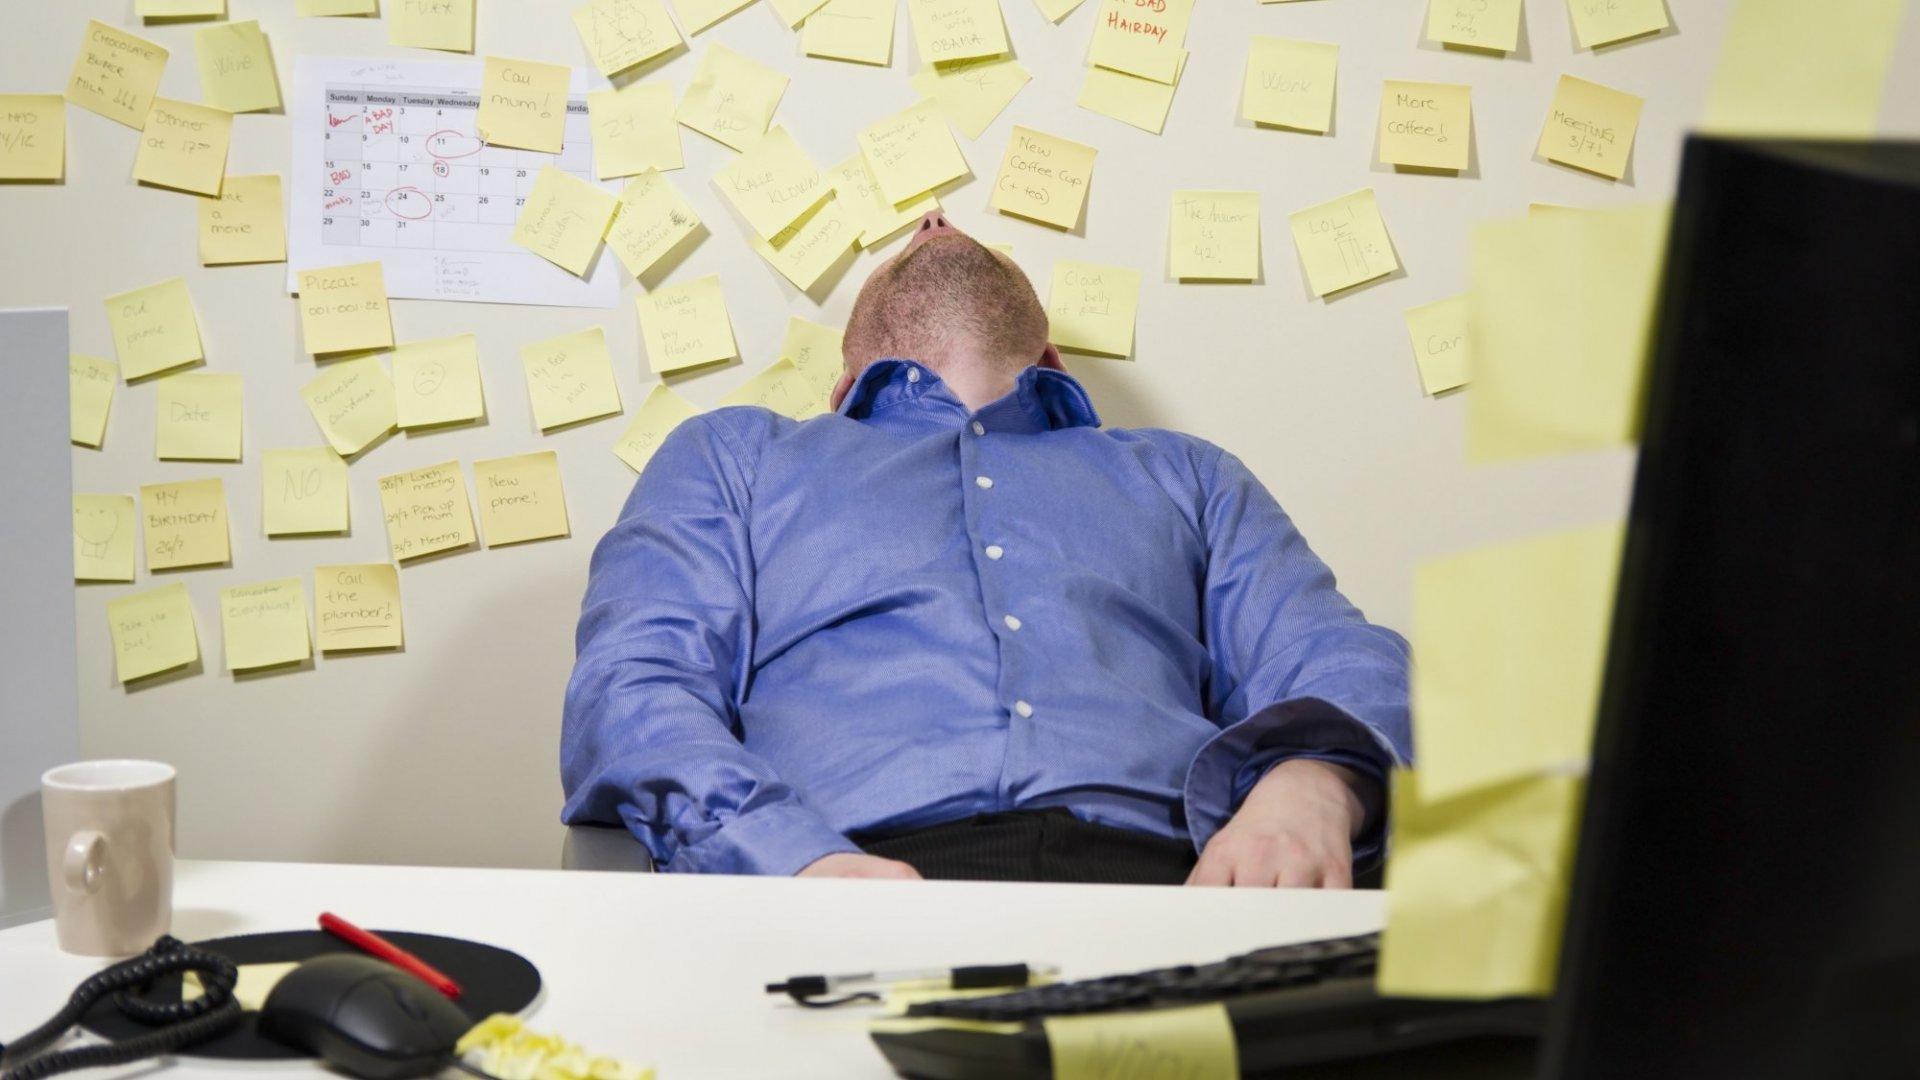 5 Easy Ways to Overcome Procrastination